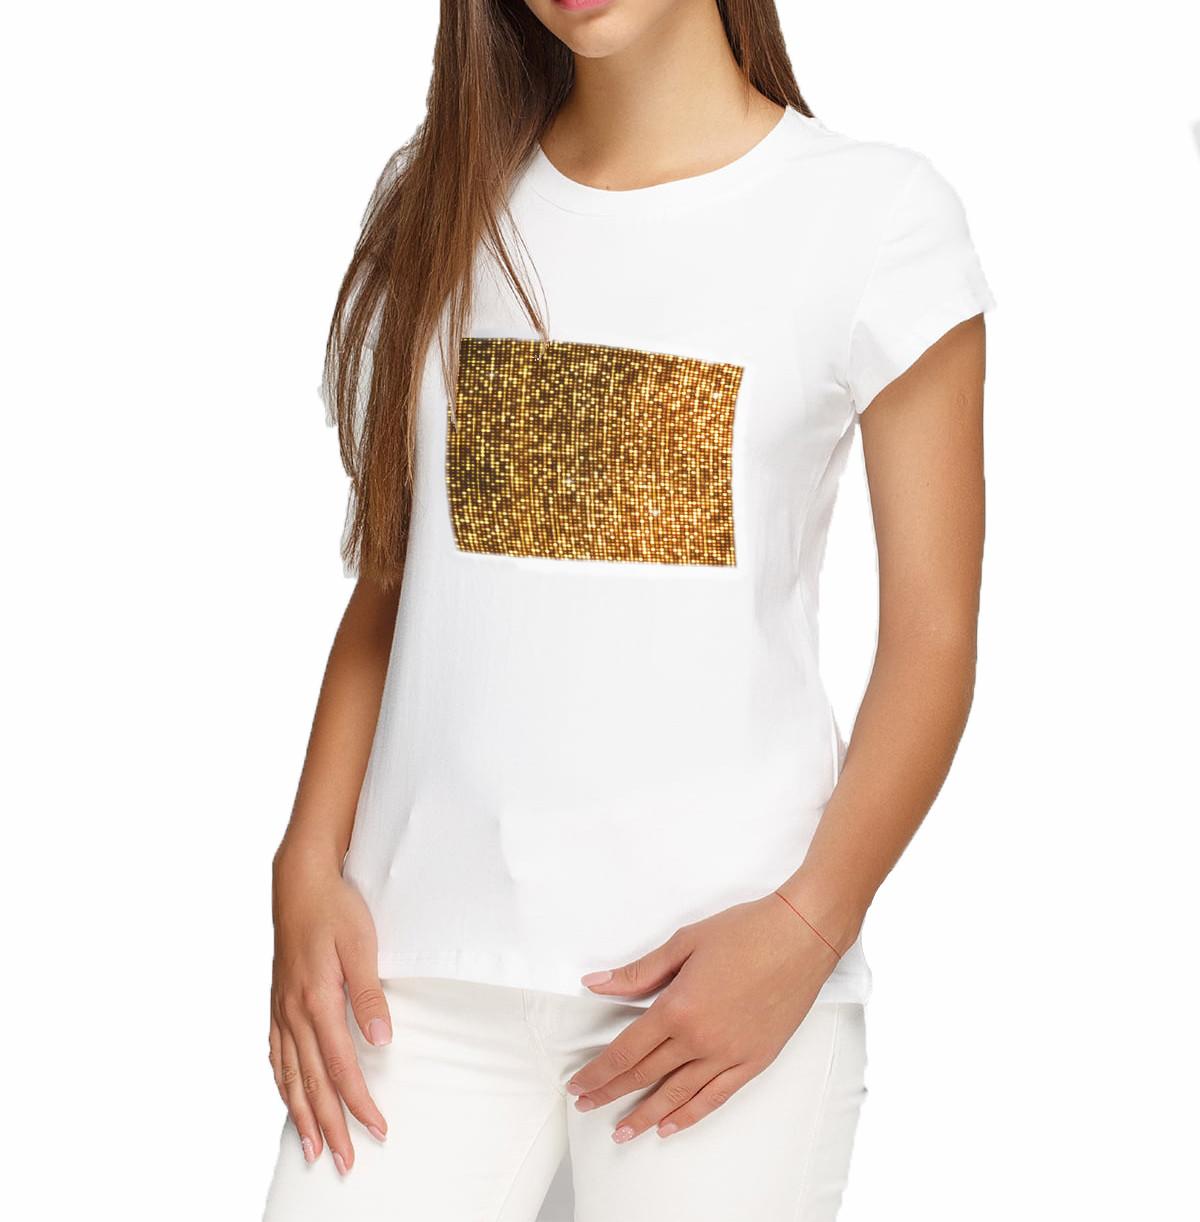 Жіноча футболка XS з паєтками кол. ЗОЛОТИЙ для сублімації